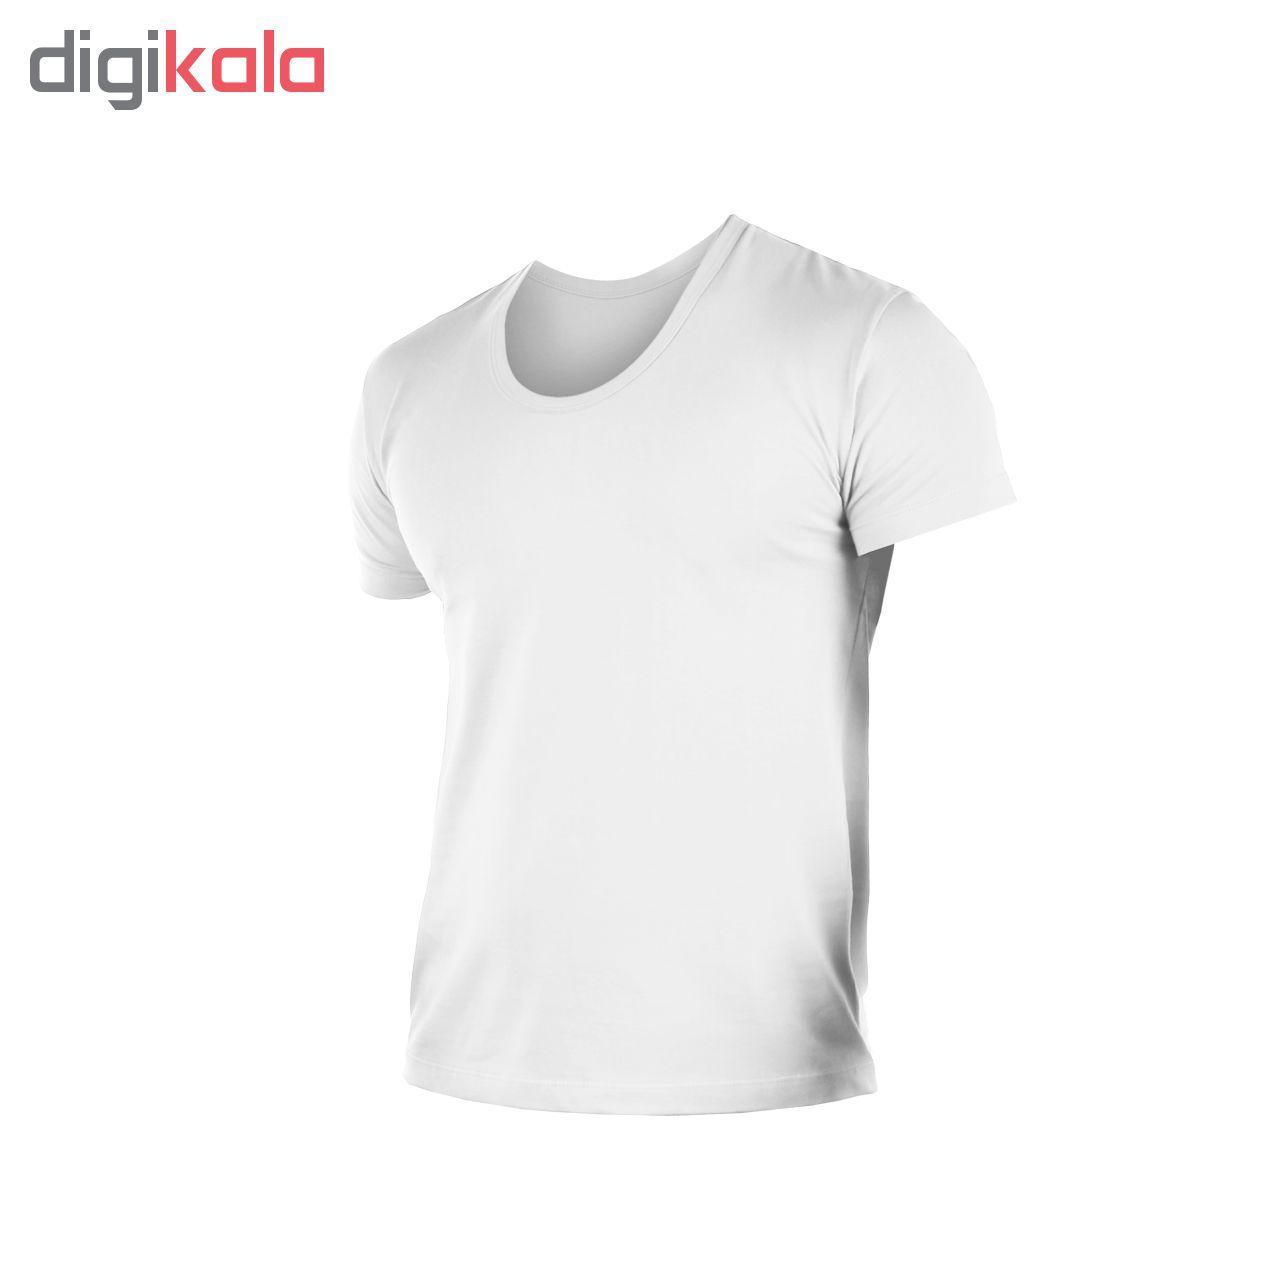 زیرپوش مردانه کیان تن پوش مدل U Neck Shirt Classic W مجموعه 6 عددی main 1 3